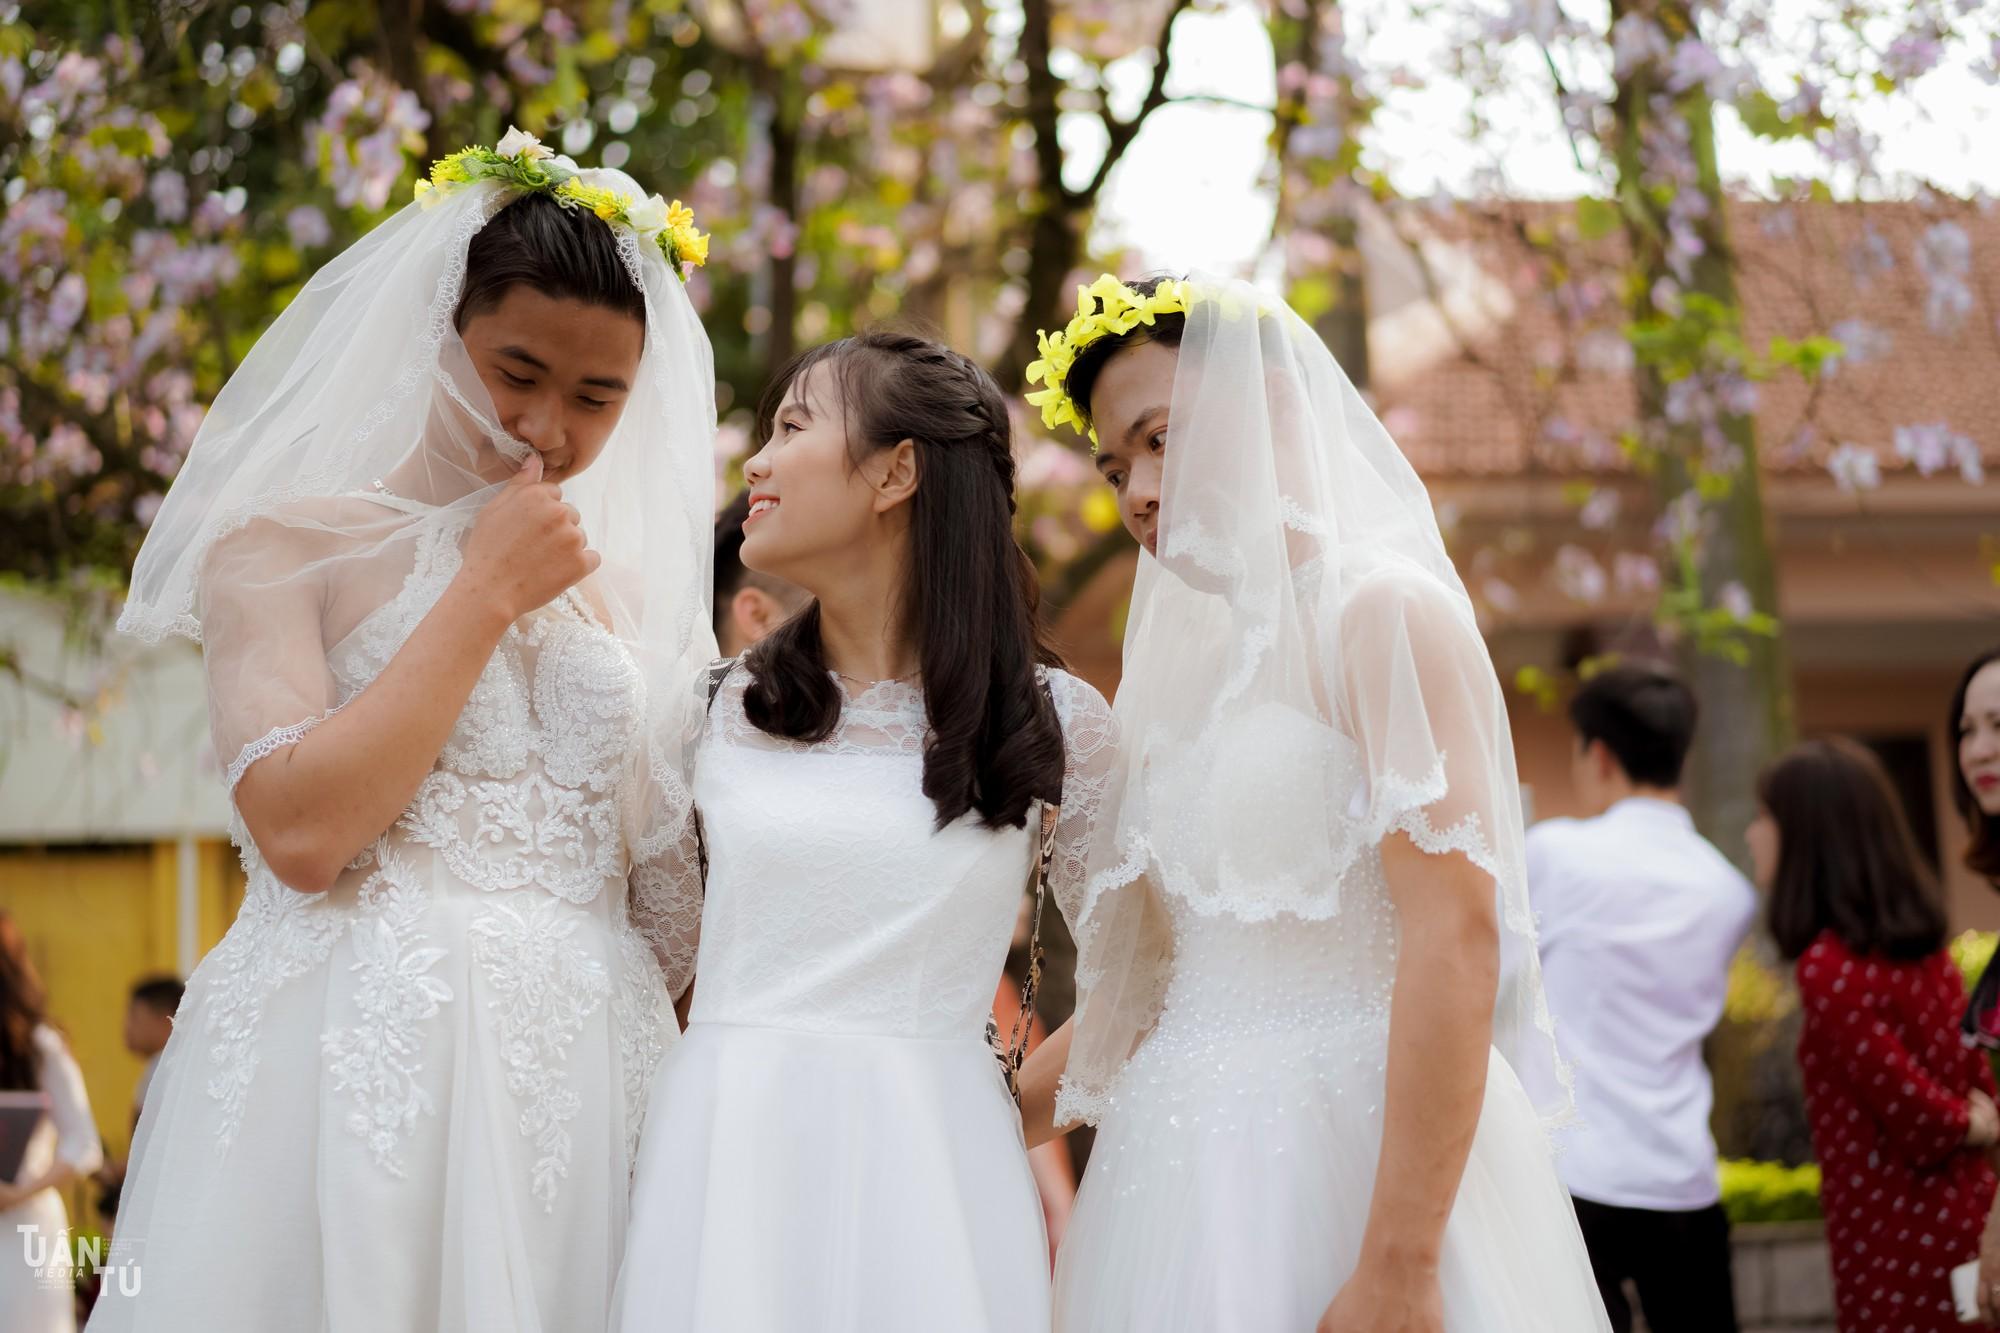 Lớp có mỗi 3 thằng con trai, hôm chụp kỷ yếu mặc váy cô dâu và ra đời bộ ảnh chất thế này đây - Ảnh 7.